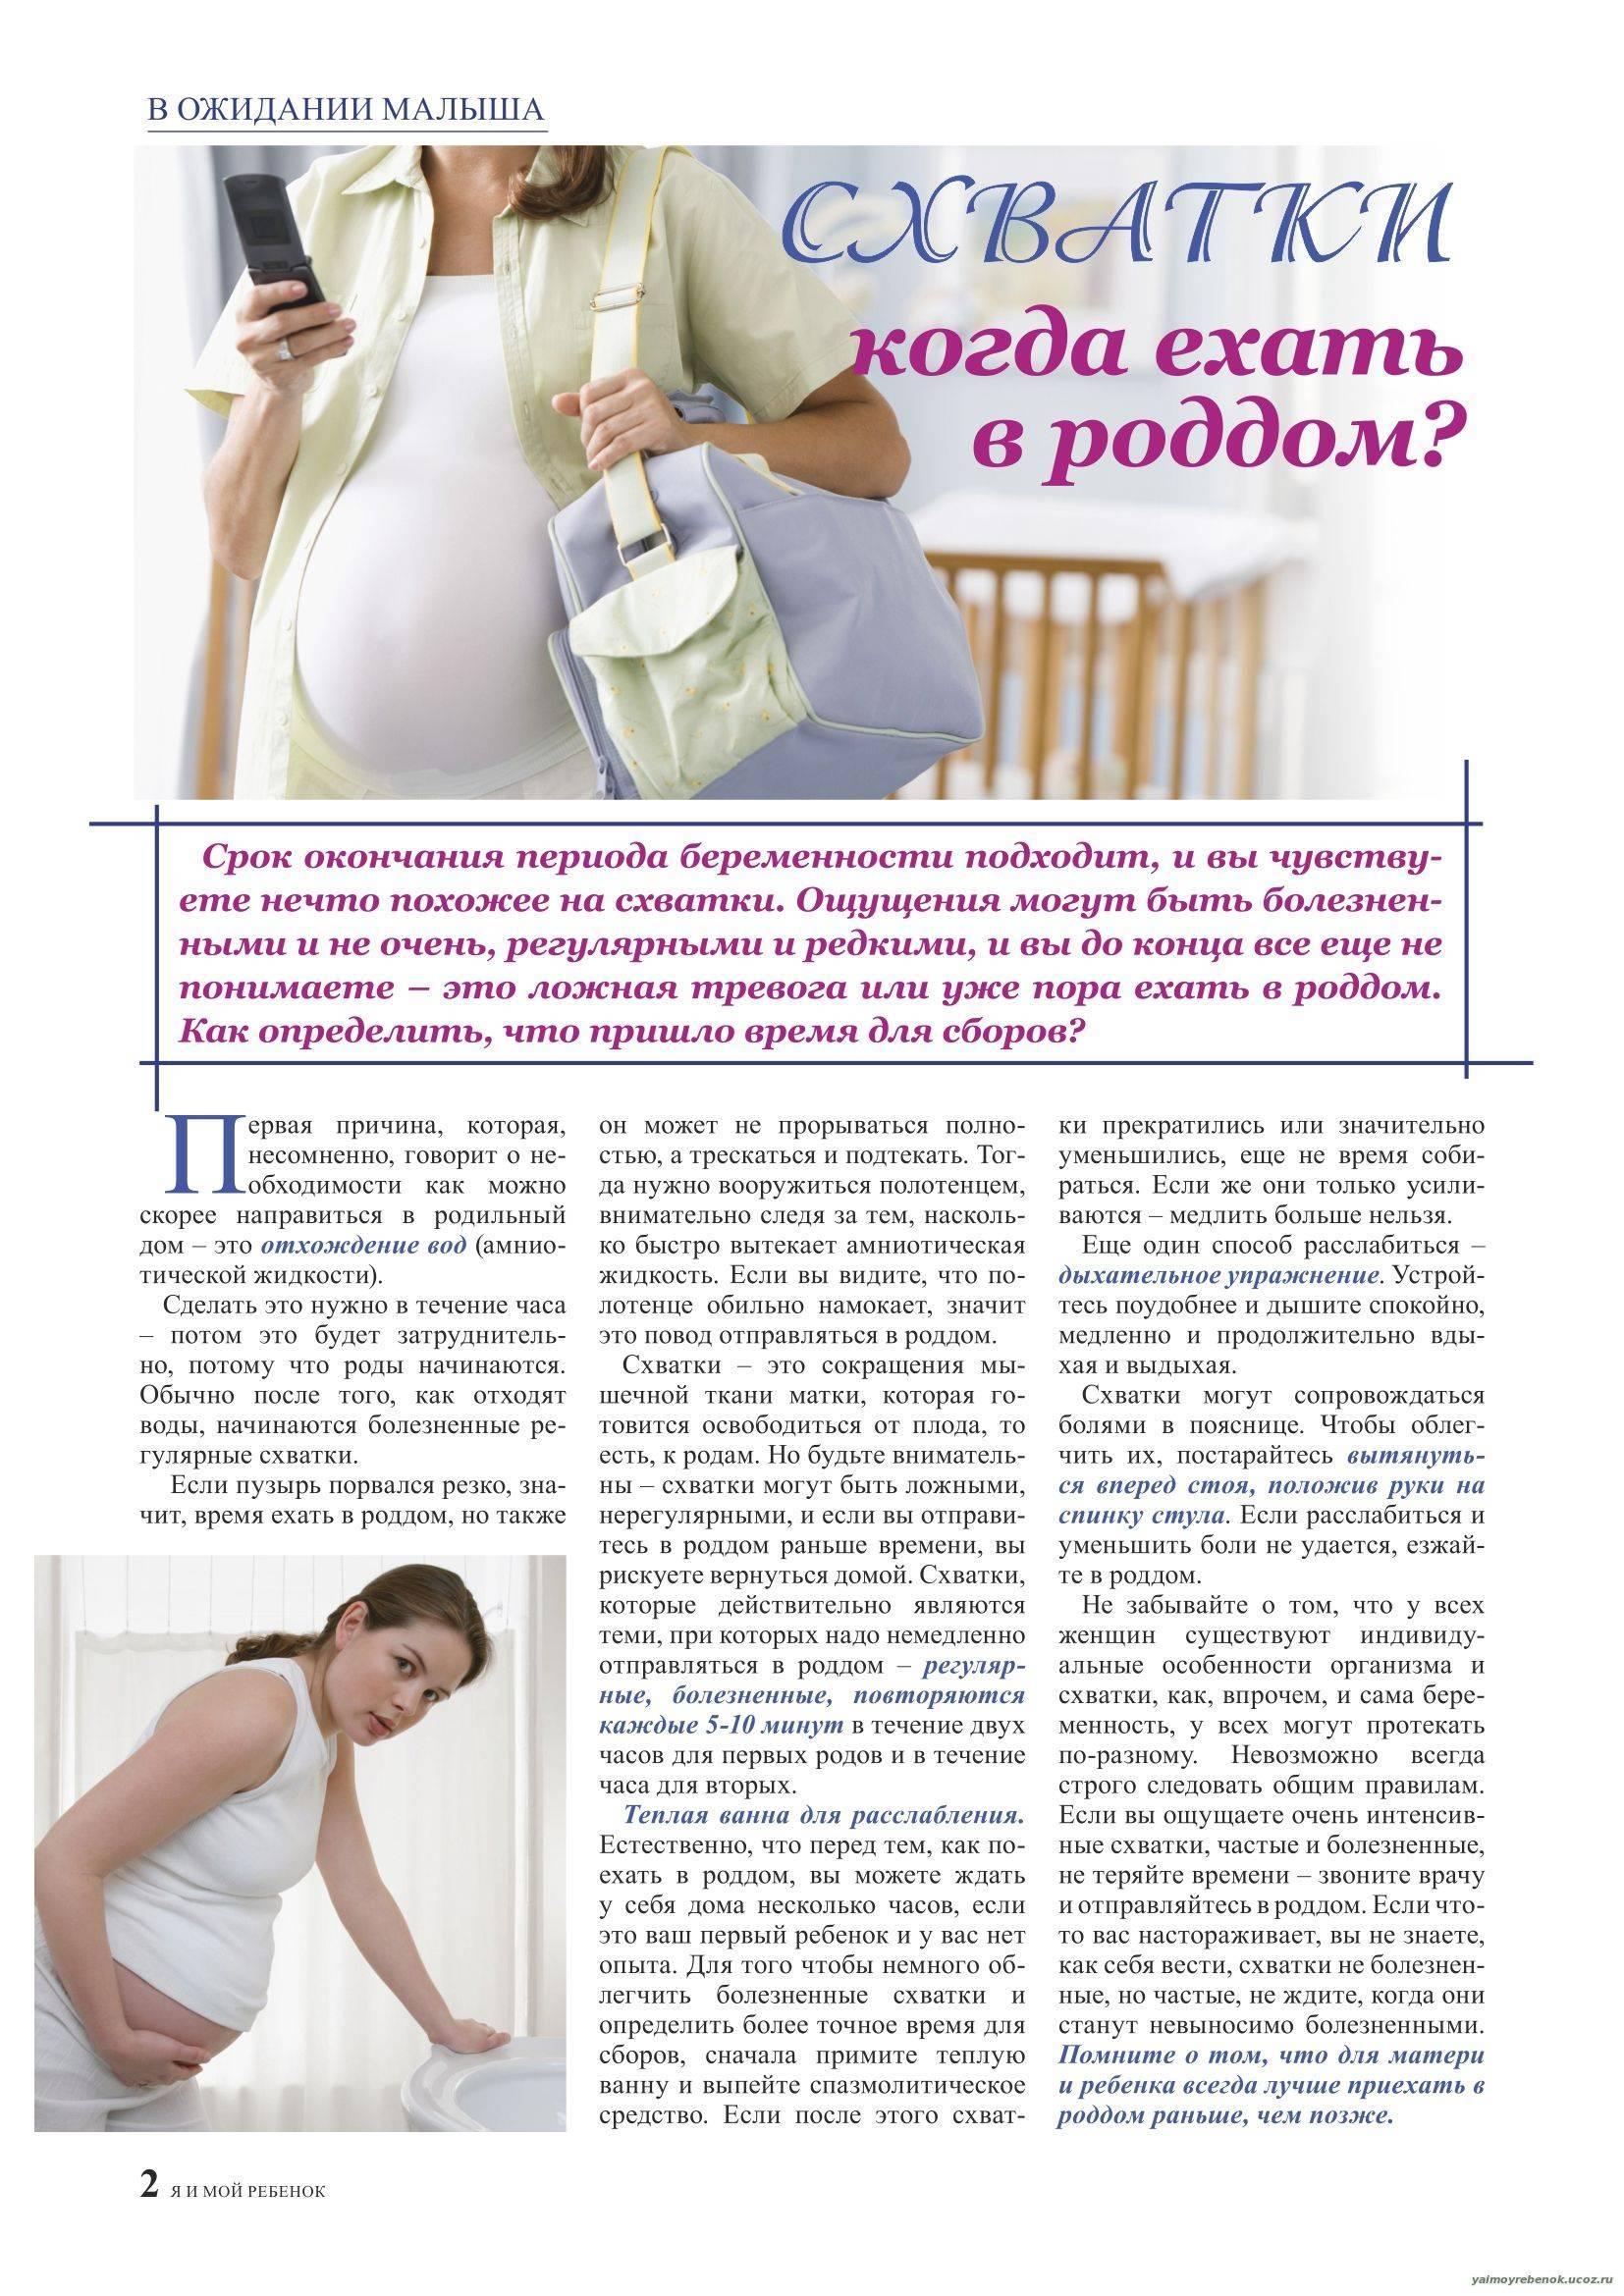 Куда идти когда узнала что беременна. я беременна: что делать в первую очередь, куда обращаться, как себя вести